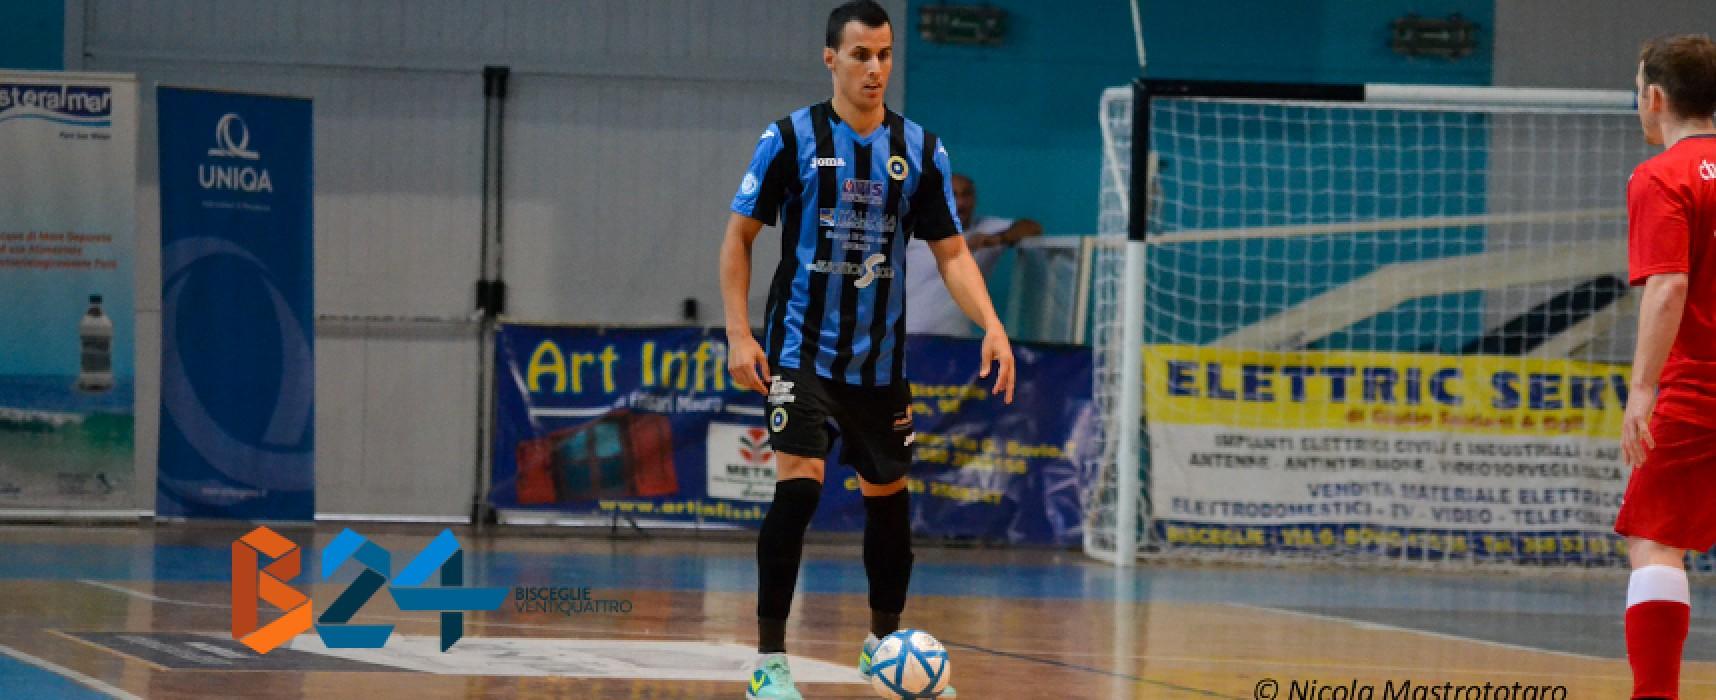 Futsal Bisceglie pazzesca vittoria all'ultimo respiro / CLASSIFICA